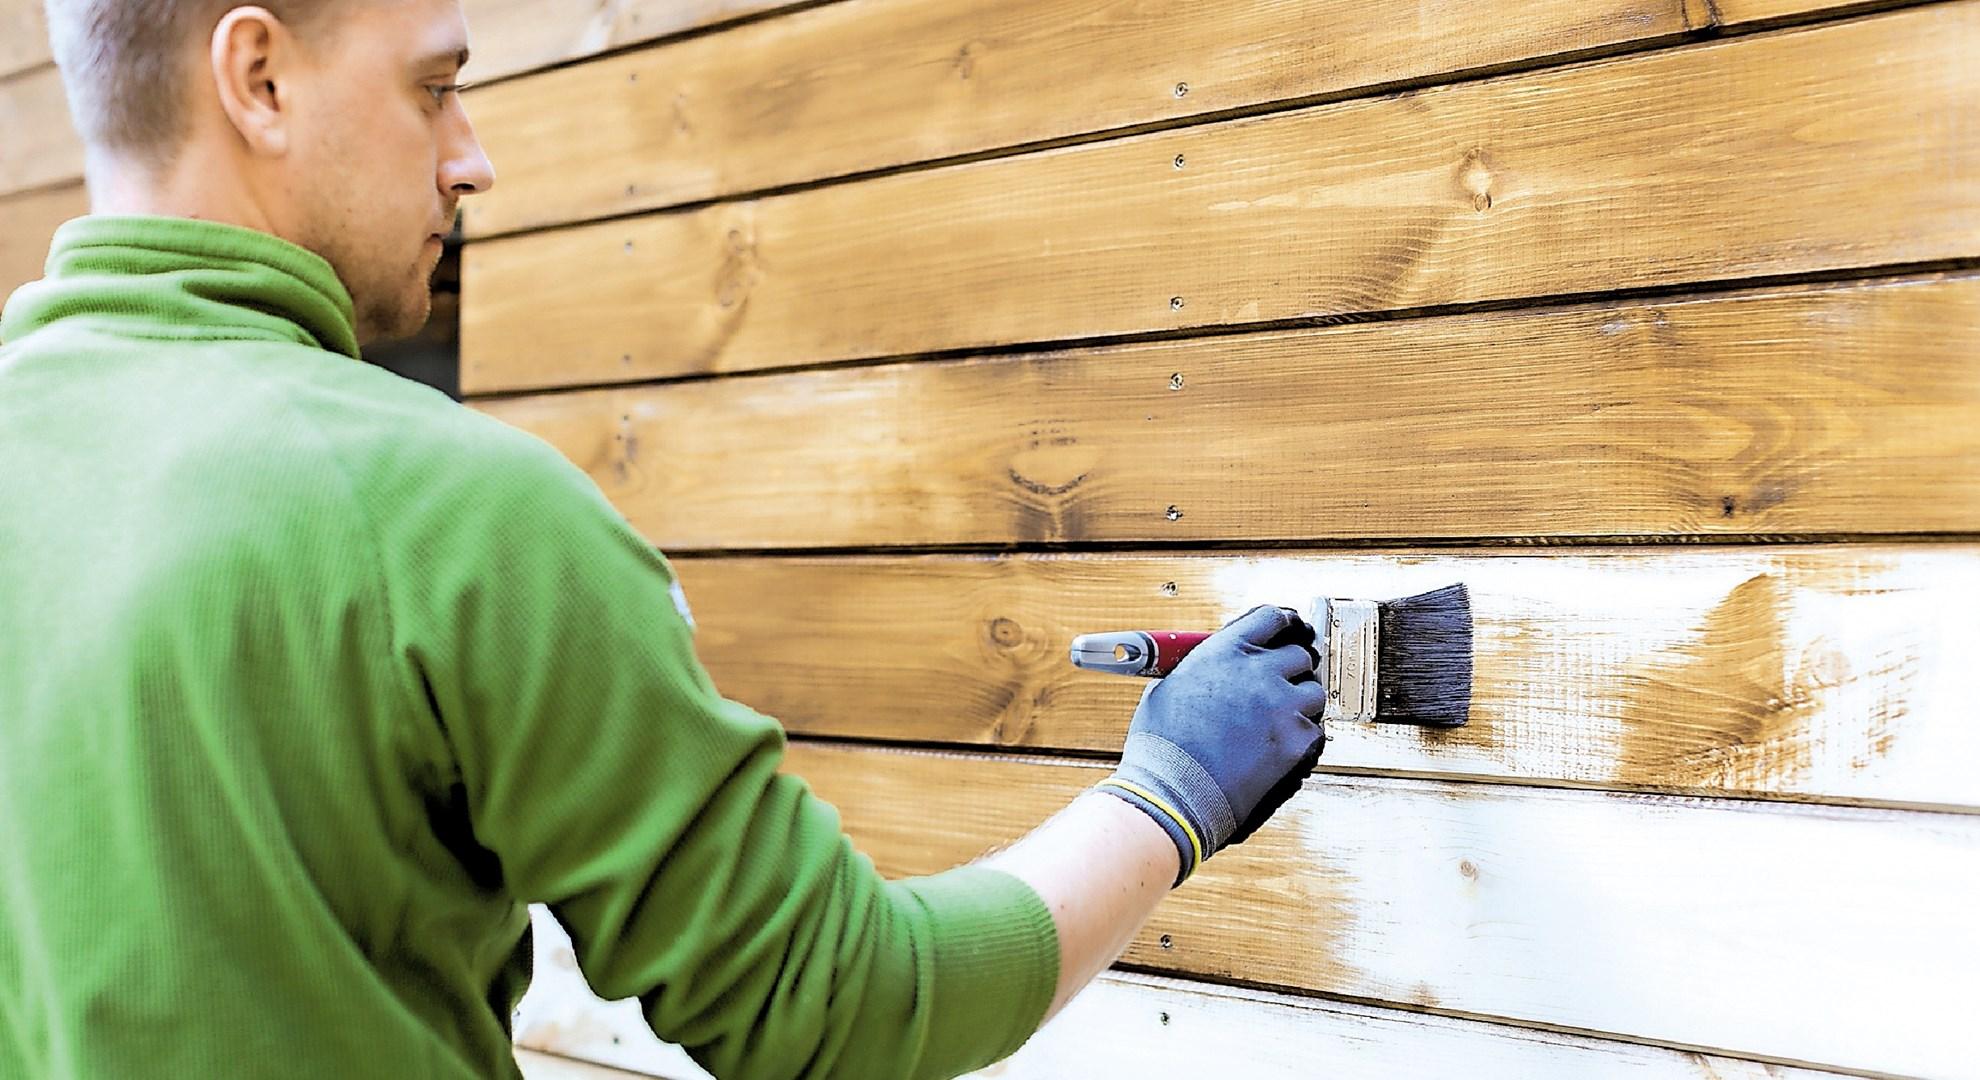 Premazovanja izpostavljenega lesa na prostem se lotimo spomladi